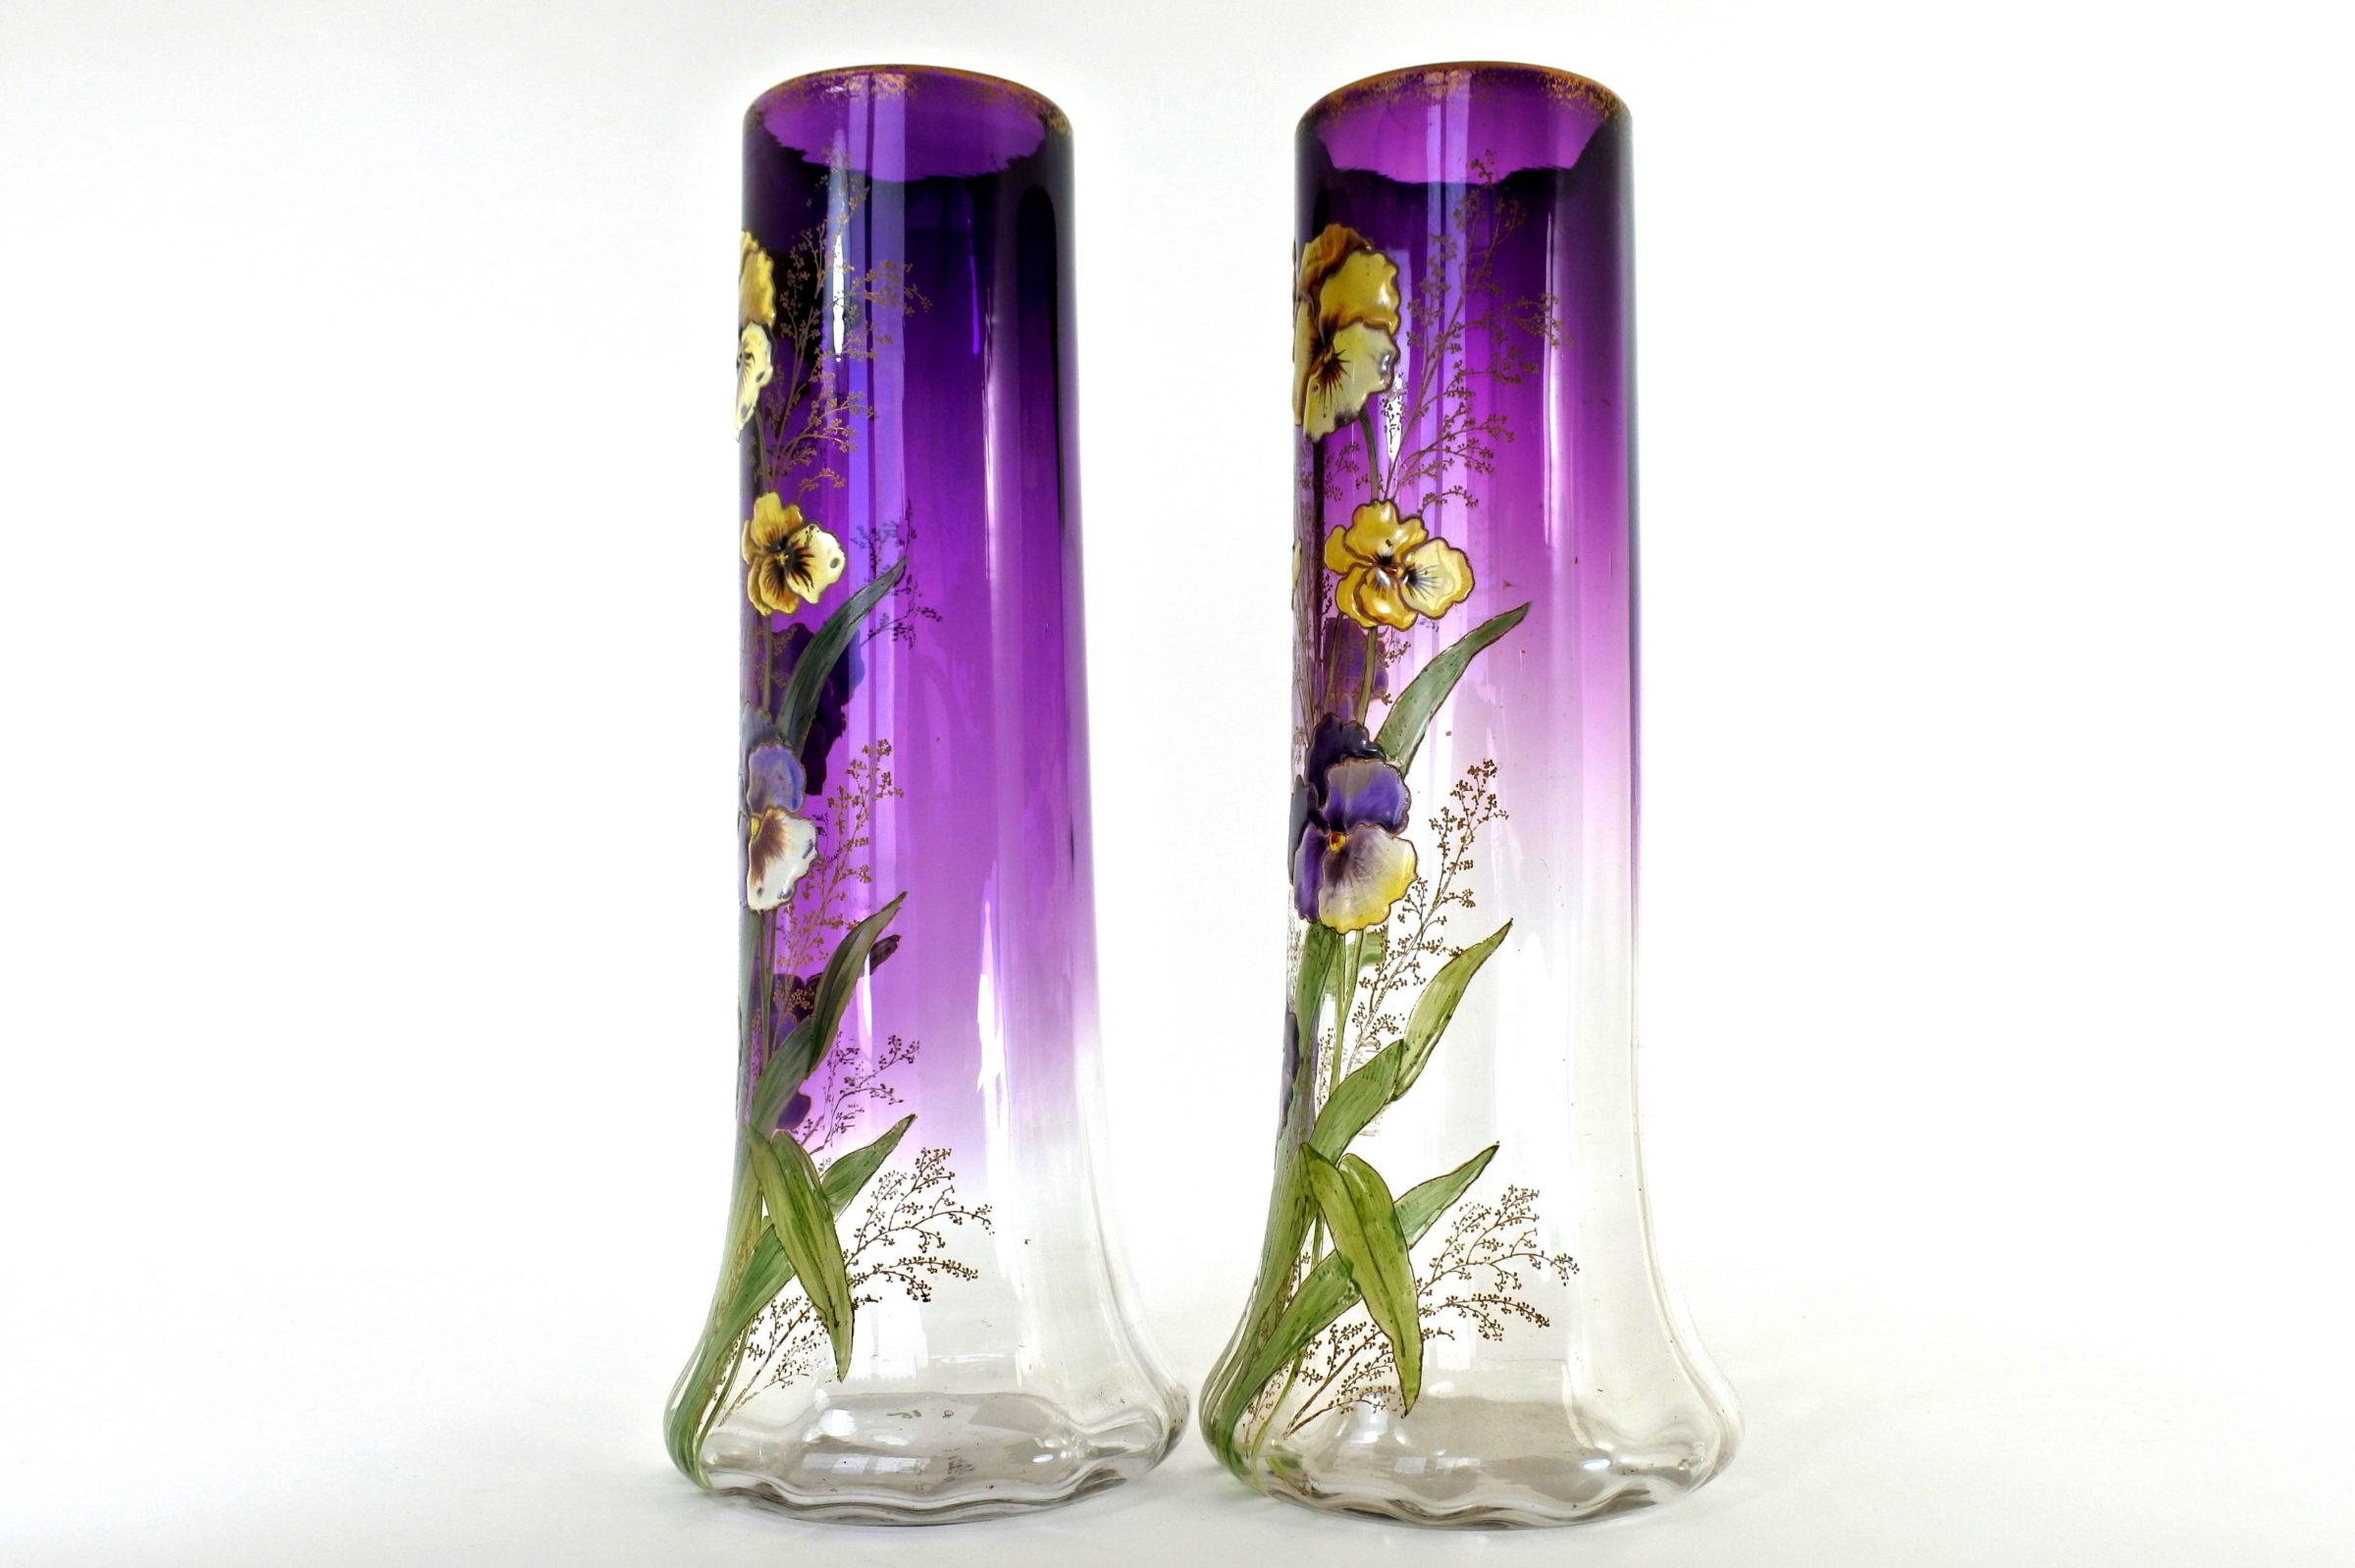 Coppia di vasi Legras in vetro soffiato e smaltato con viole del pensiero - Pensées - 2